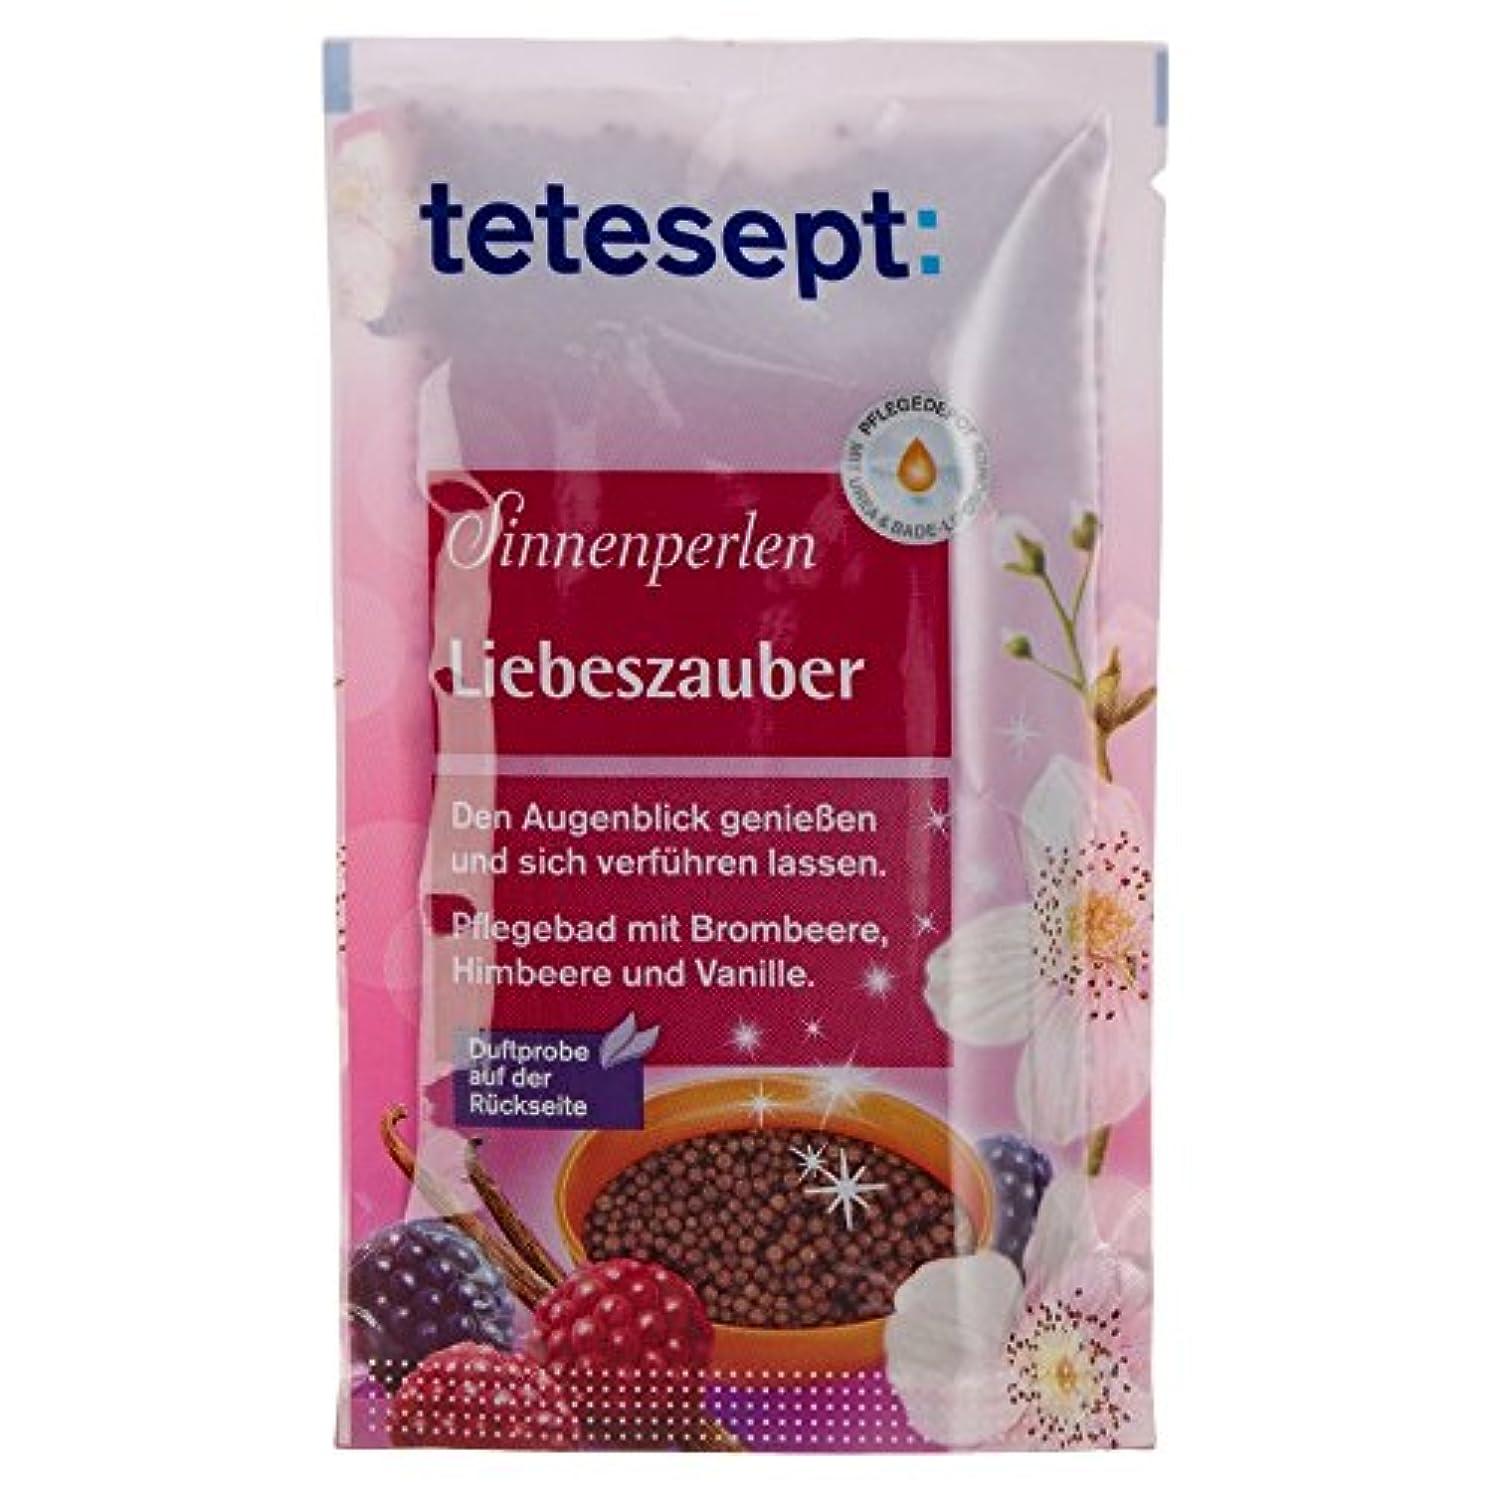 分散崩壊清めるTetesept Sinnenperlen Liebeszauber Brombeere, Himbeere & Vanille 80 g